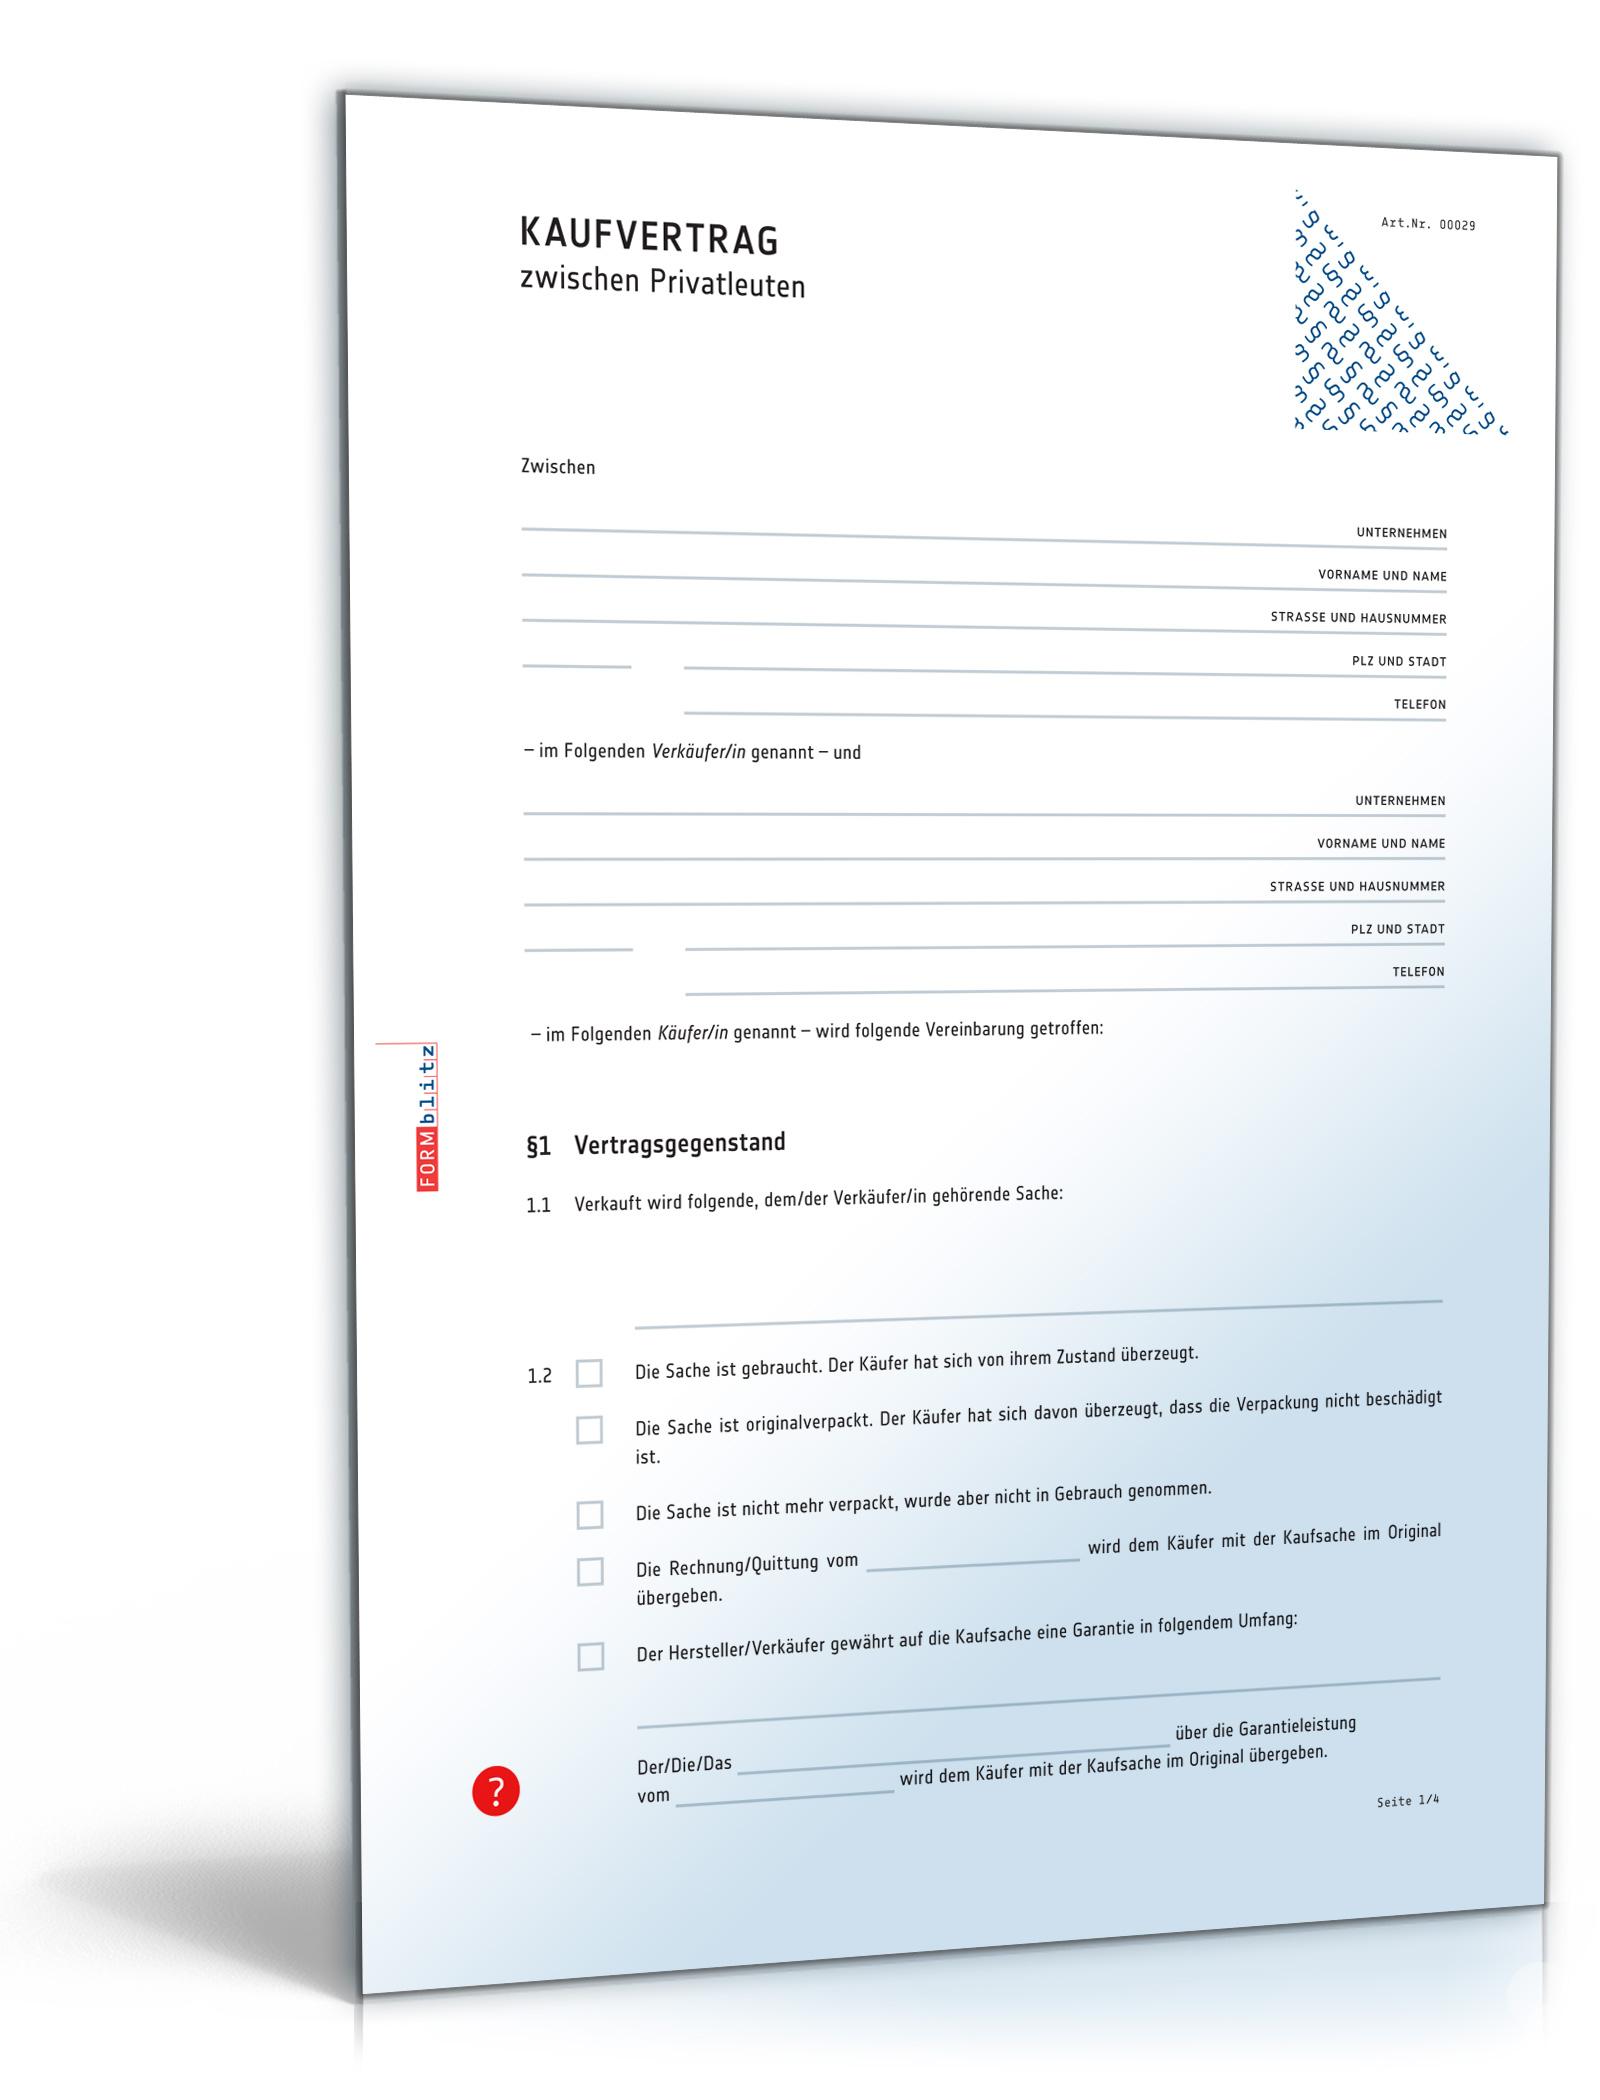 Früchte Frick Trautmann oHG aus Sonthofen: Tel, Adresse, Produkte ...